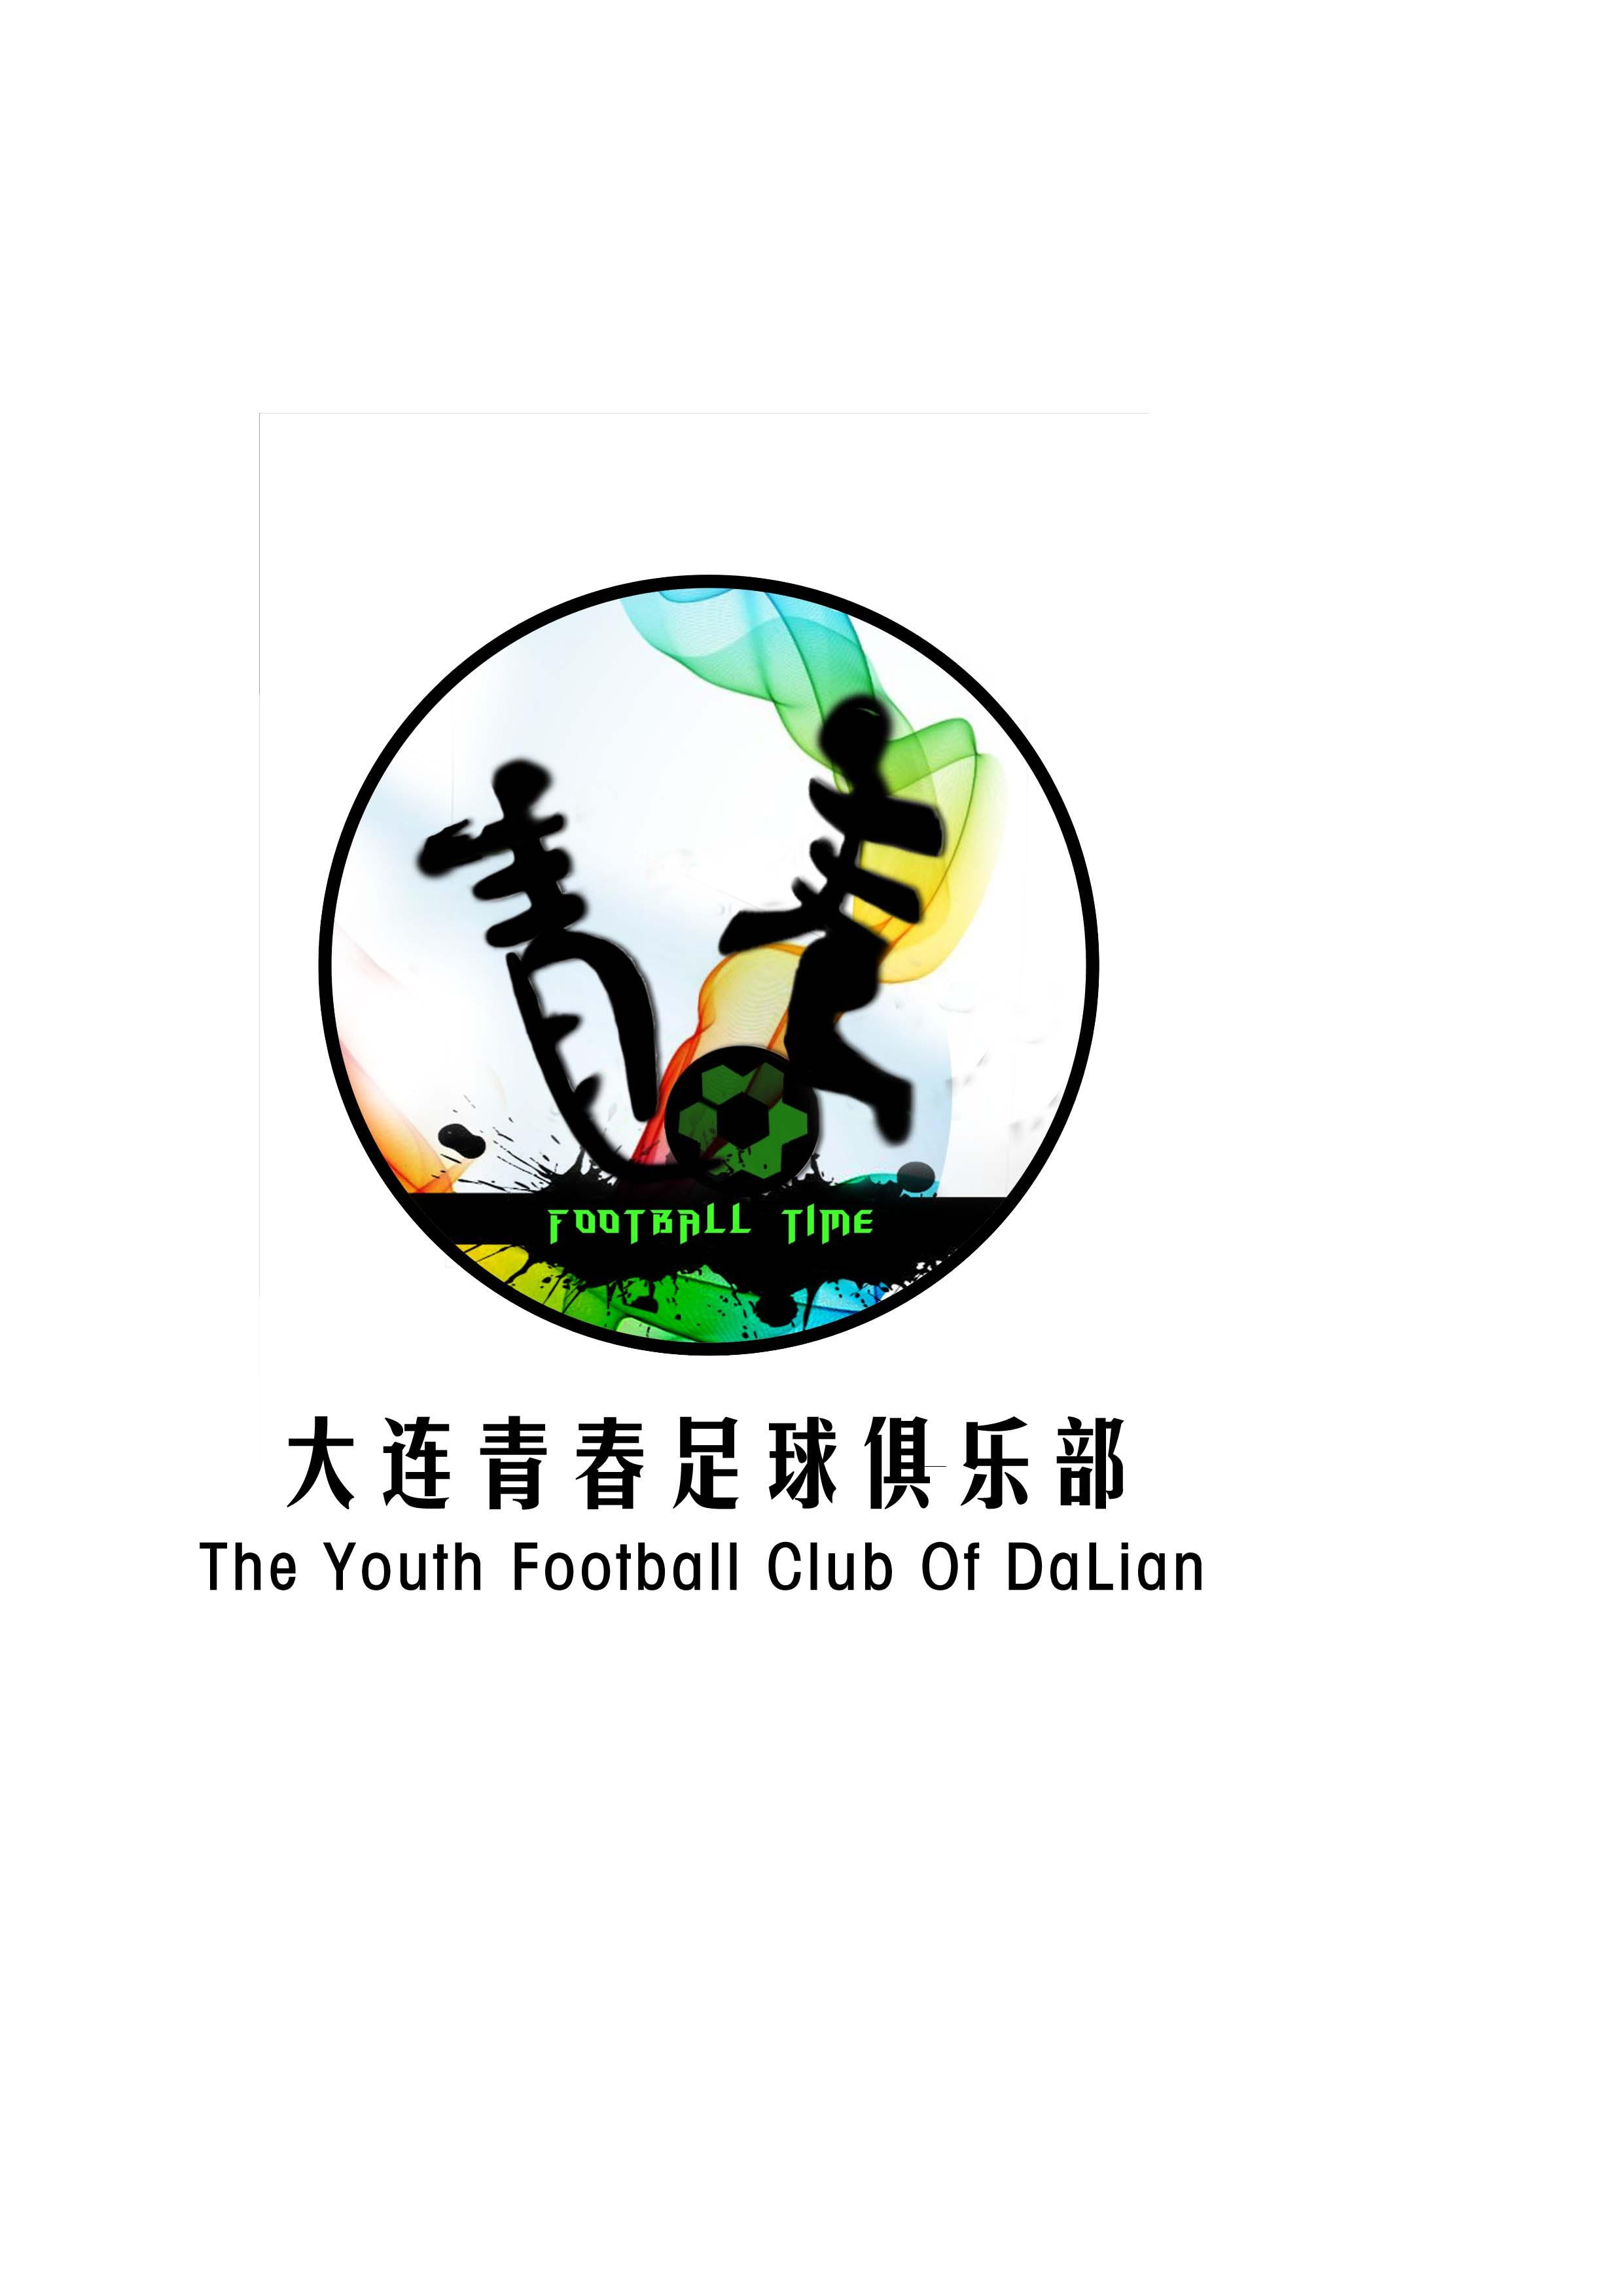 青春logo设计.jpg(269.73k)